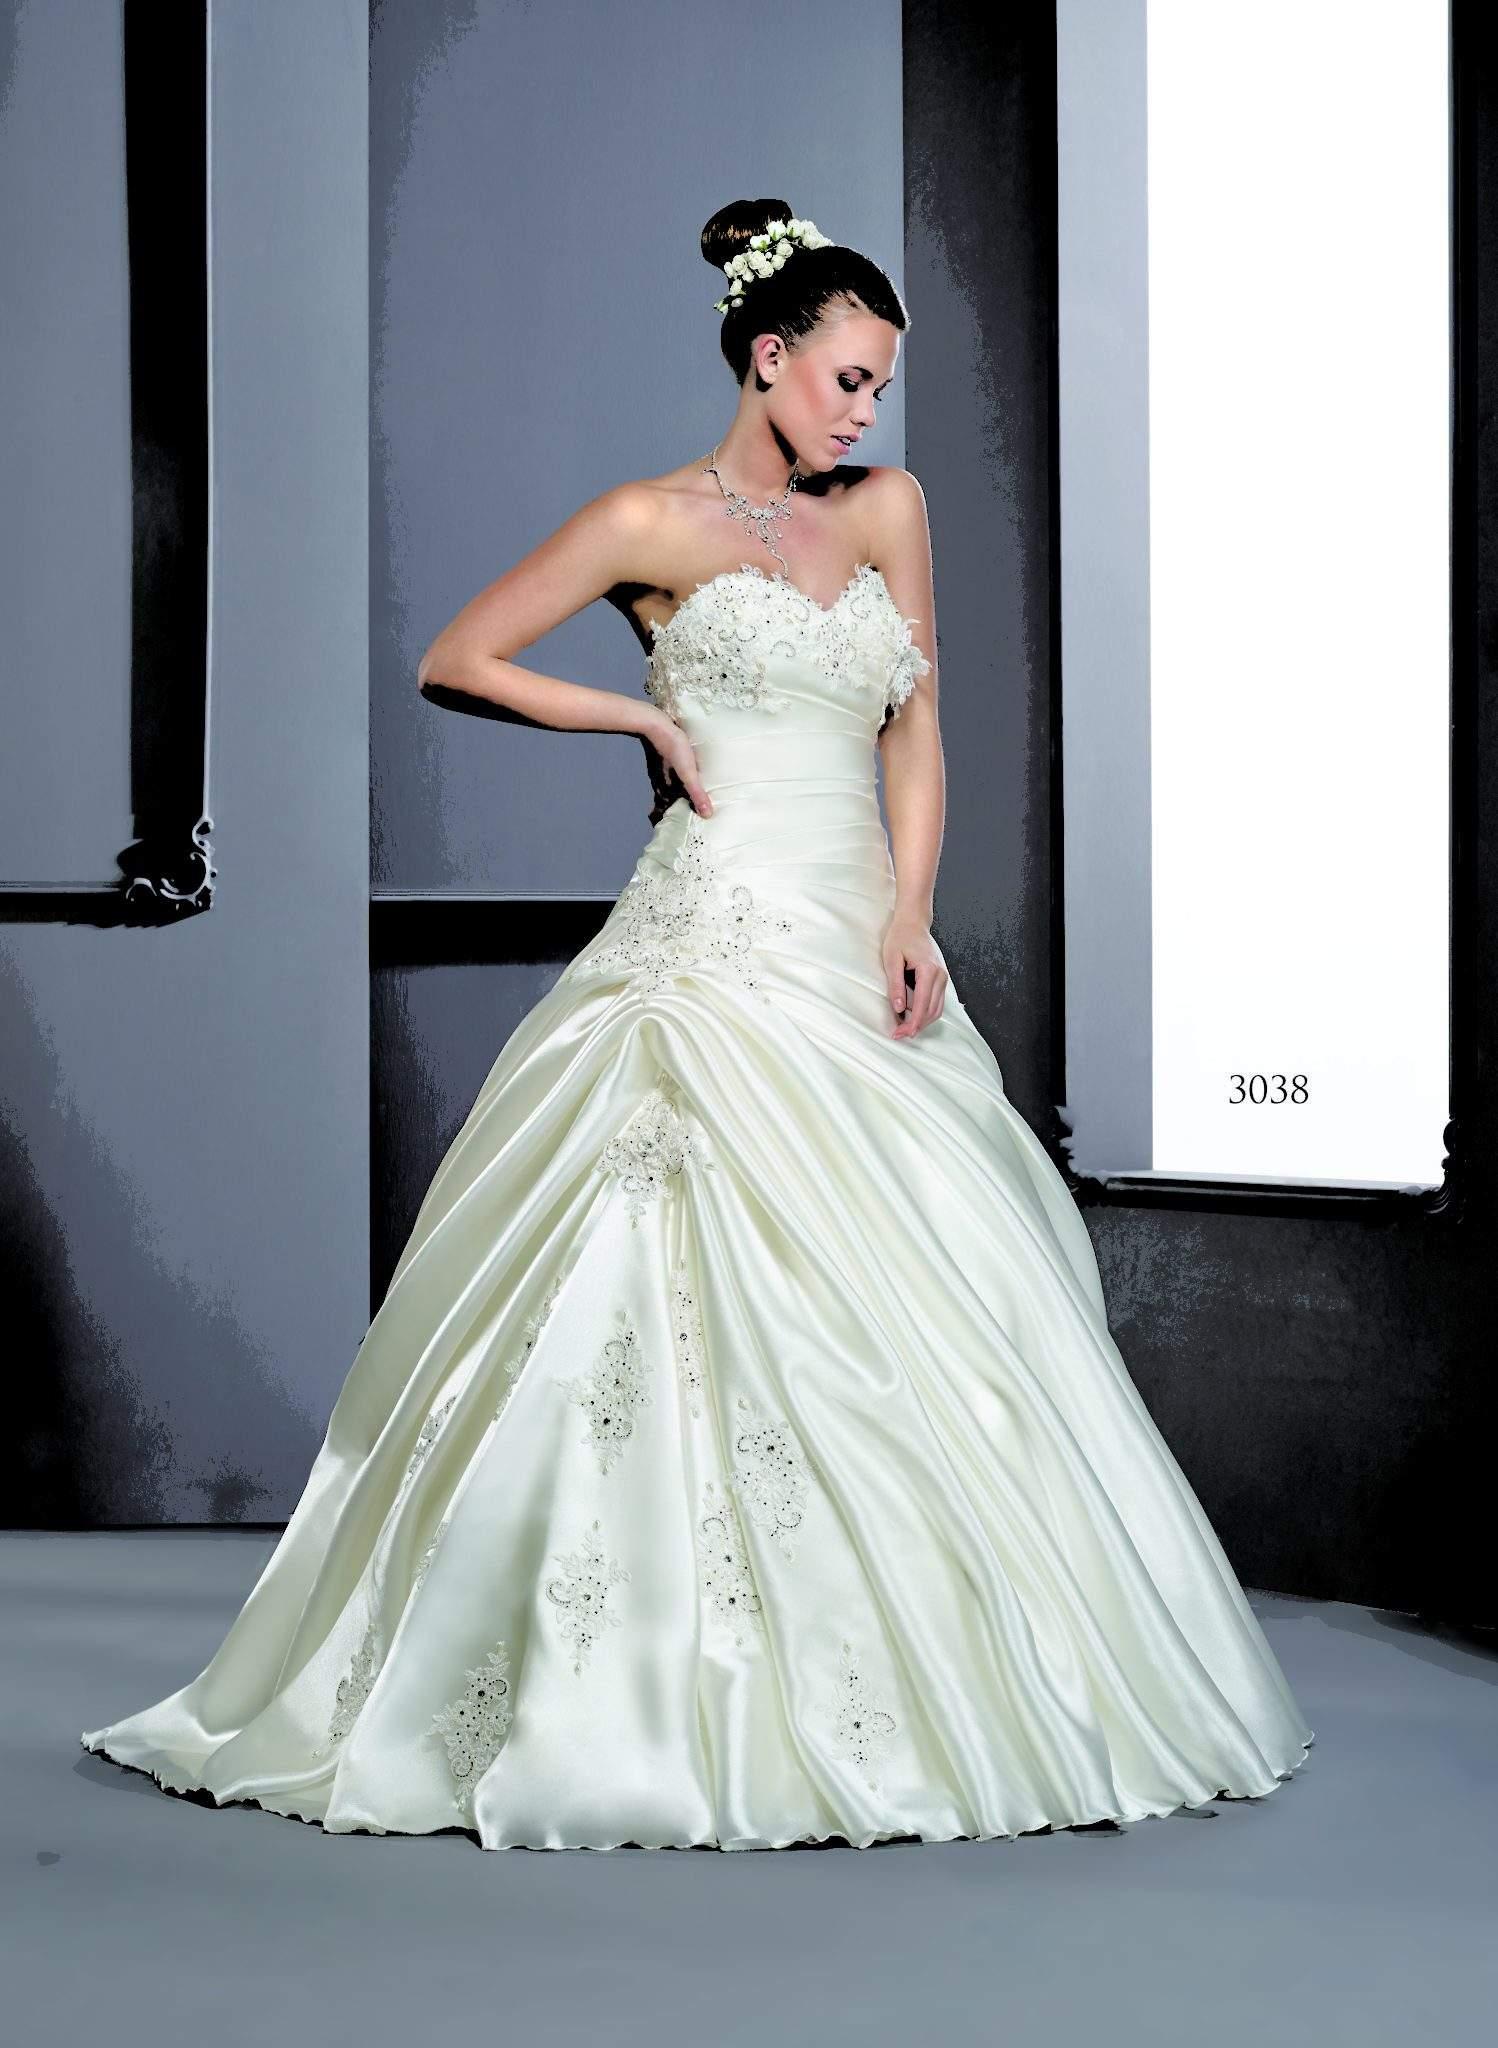 Strapless Silk Satin Wedding Gowns - Darius Cordell Fashion Ltd